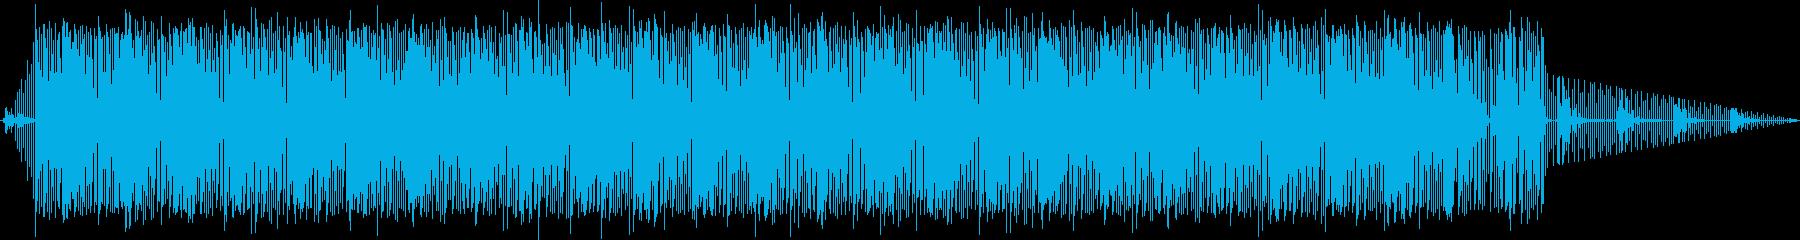 淡々としたリズムスタイルBGMの再生済みの波形